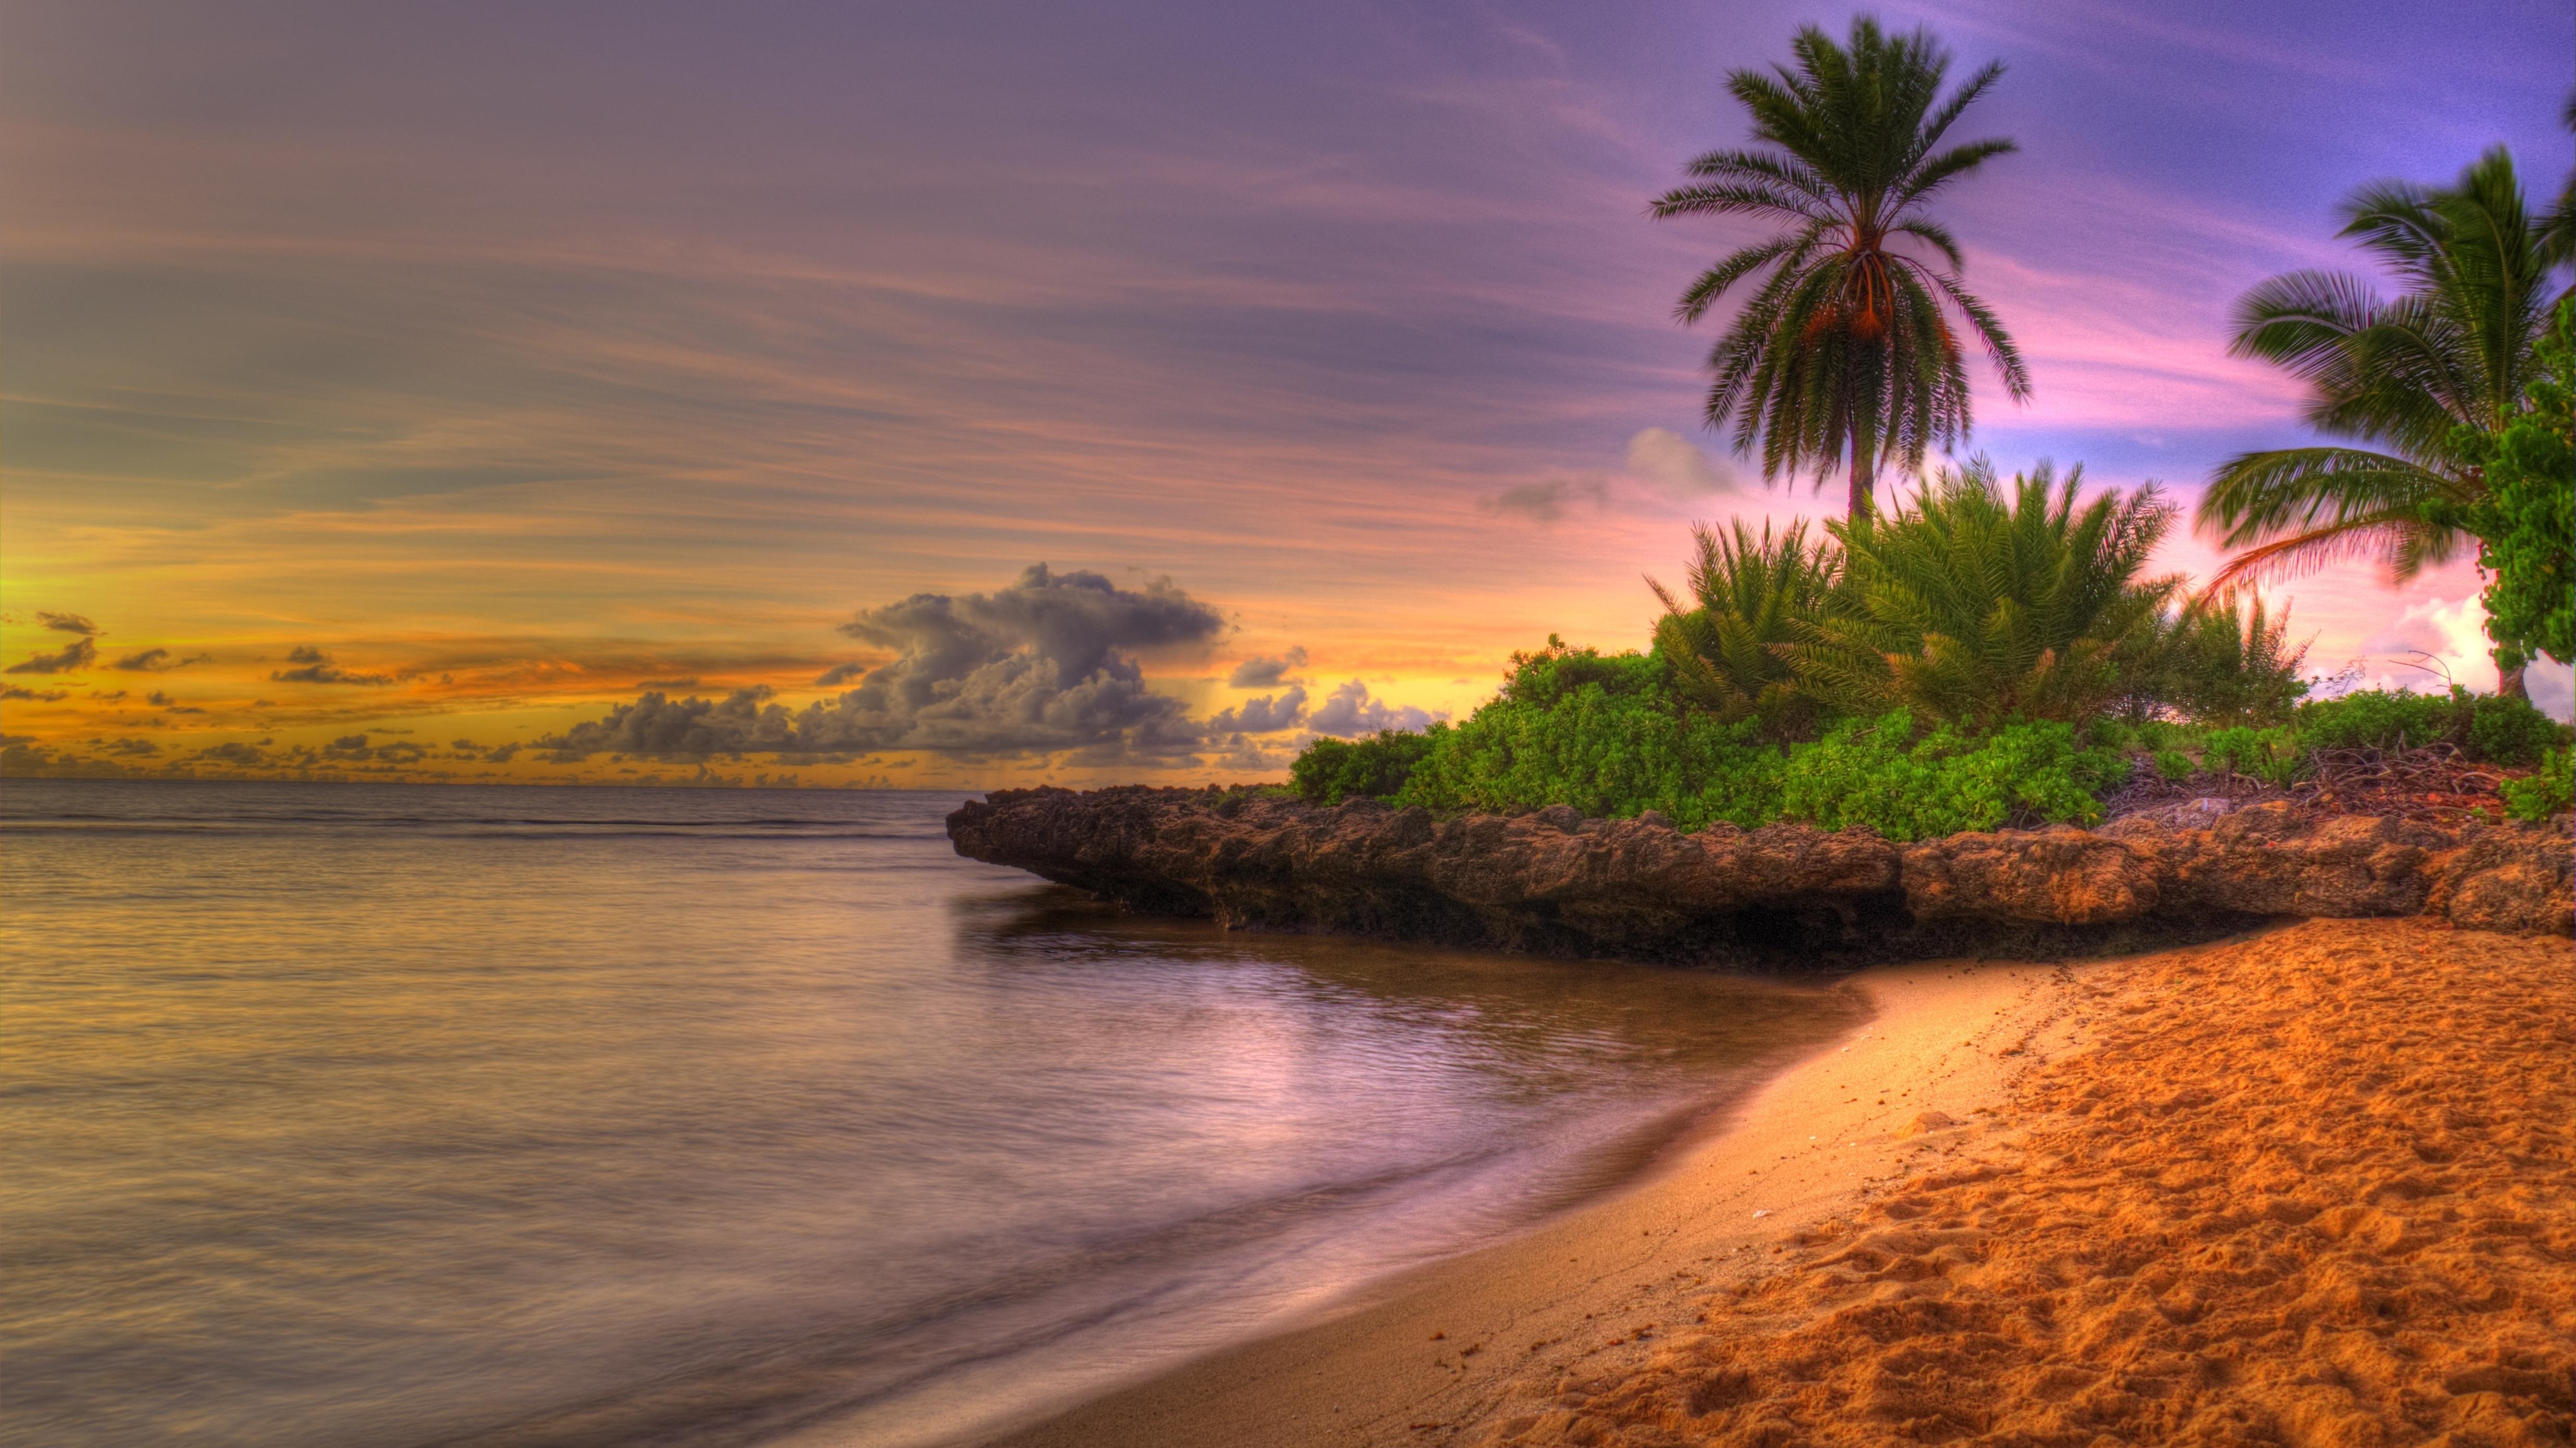 природа море берег небо горизонт  № 3776966 бесплатно